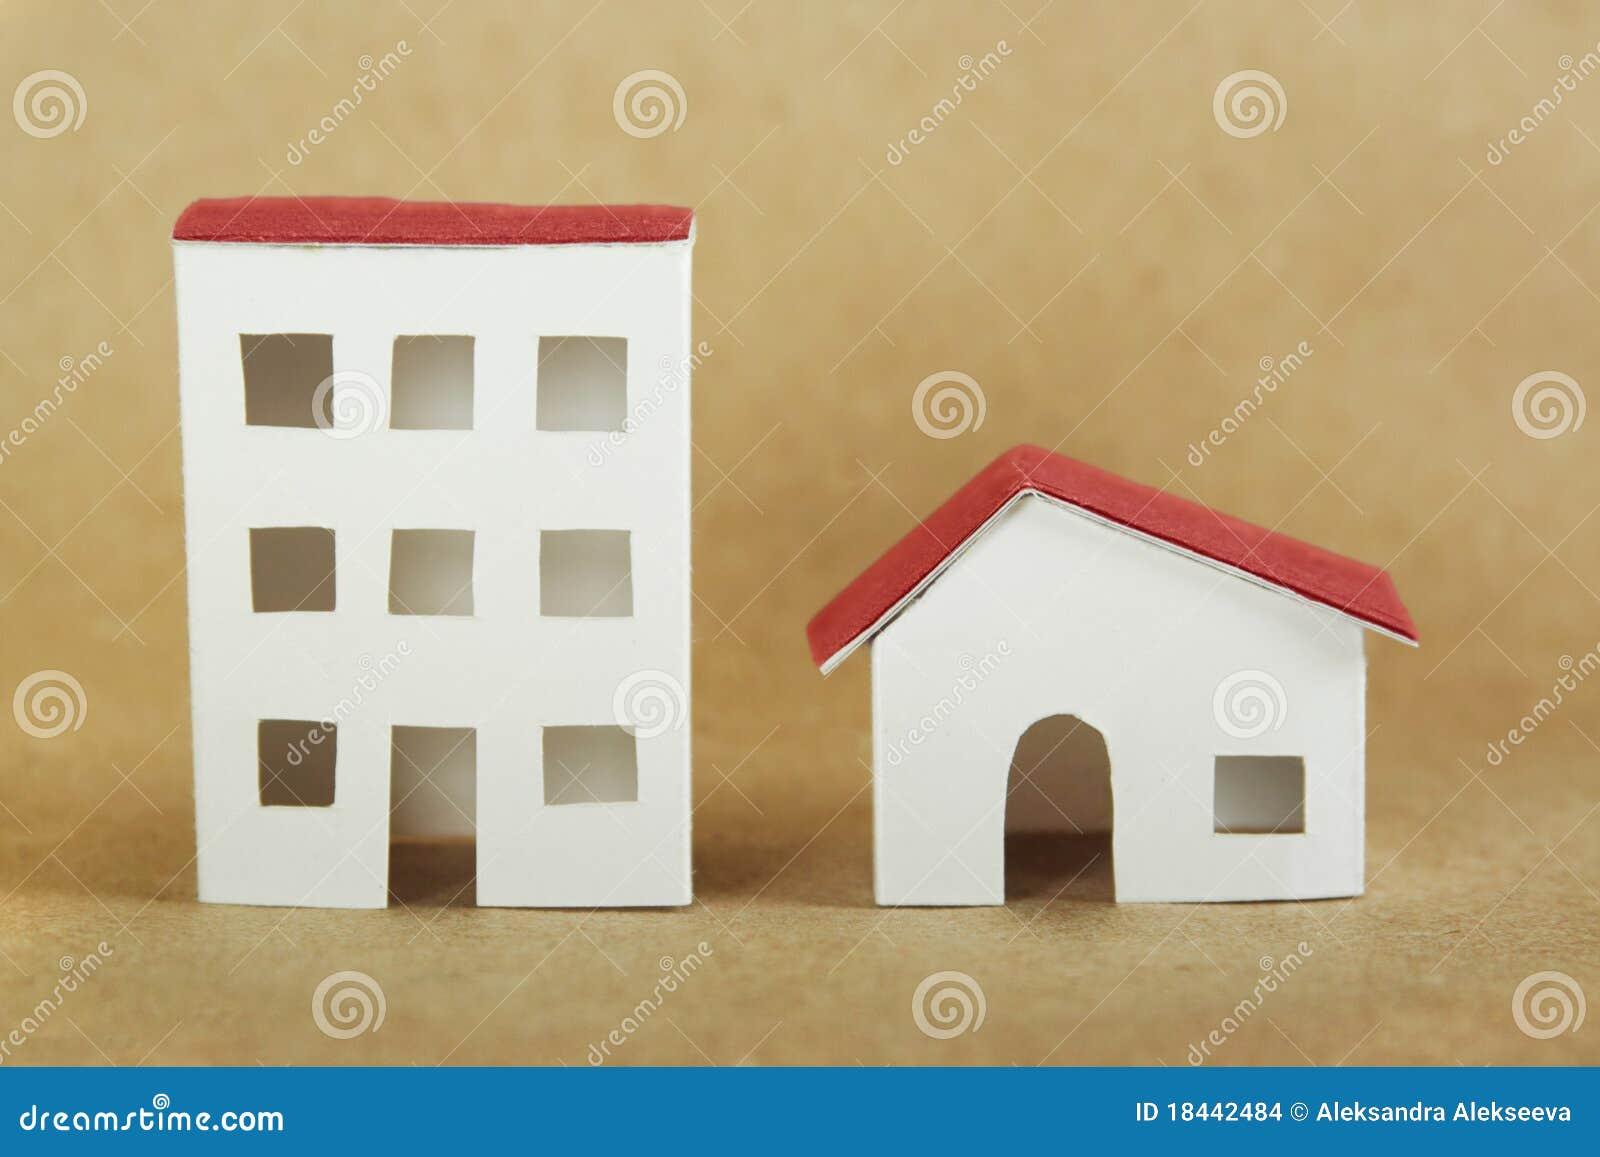 Макет дома из бумаги своими руками схемы - СтроимСвоимиРуками. рф 76